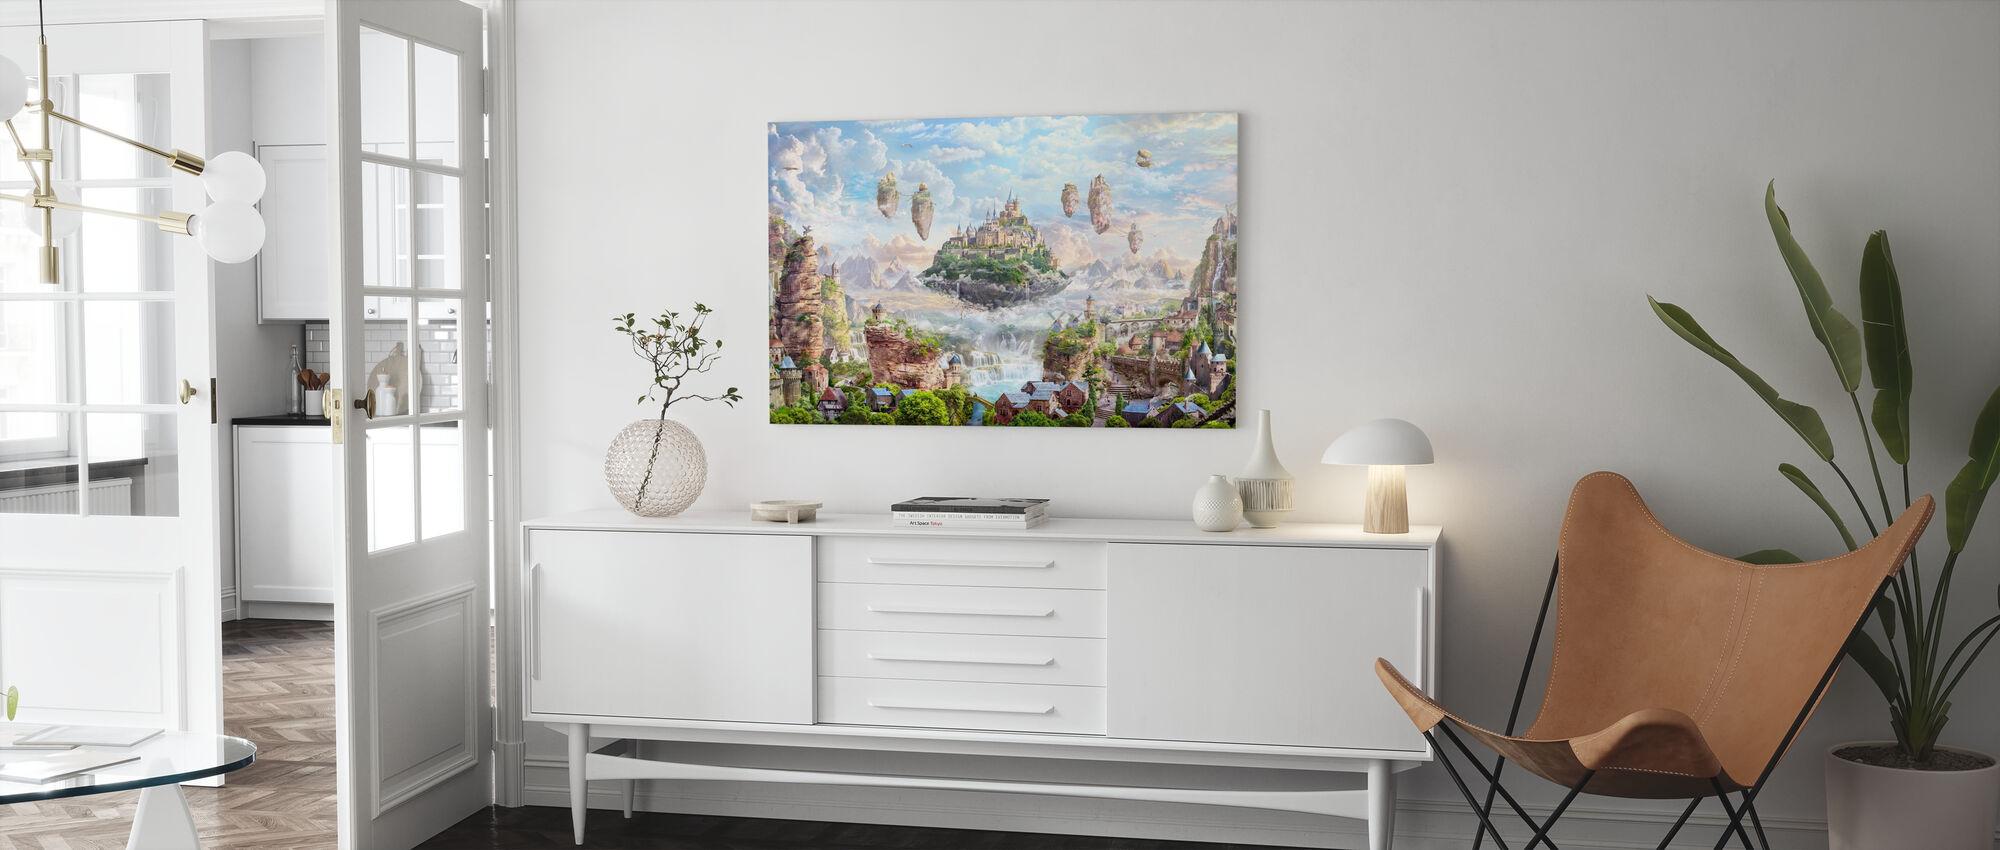 Himmelsschloss - Leinwandbild - Wohnzimmer